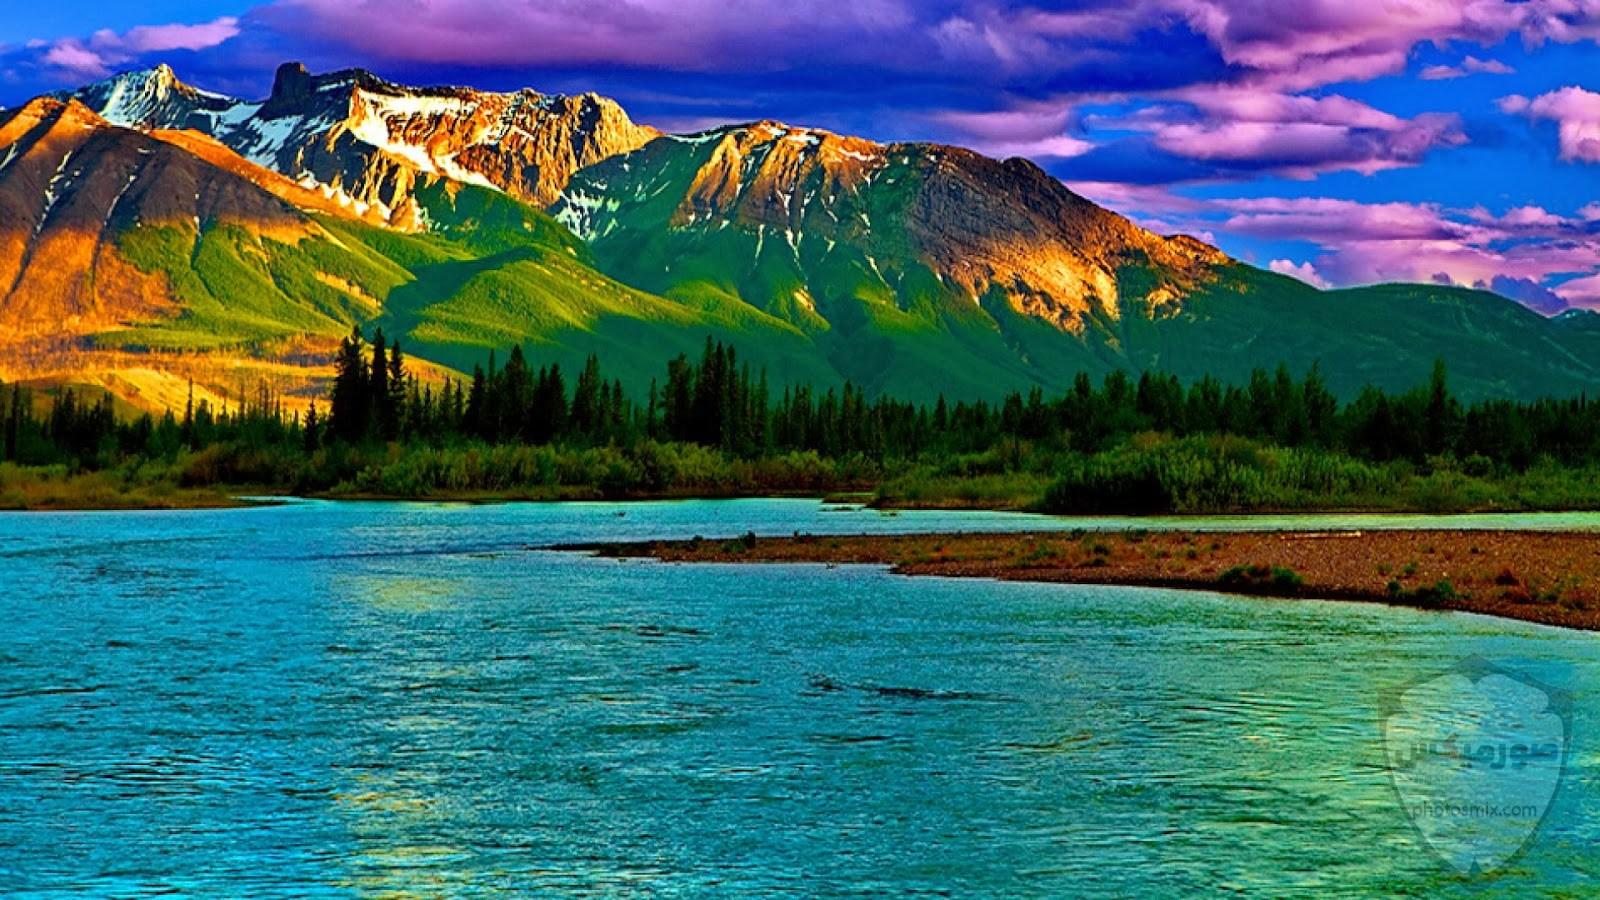 صور خلفيات جميلة مناظر طبيعية بجودة HD 6